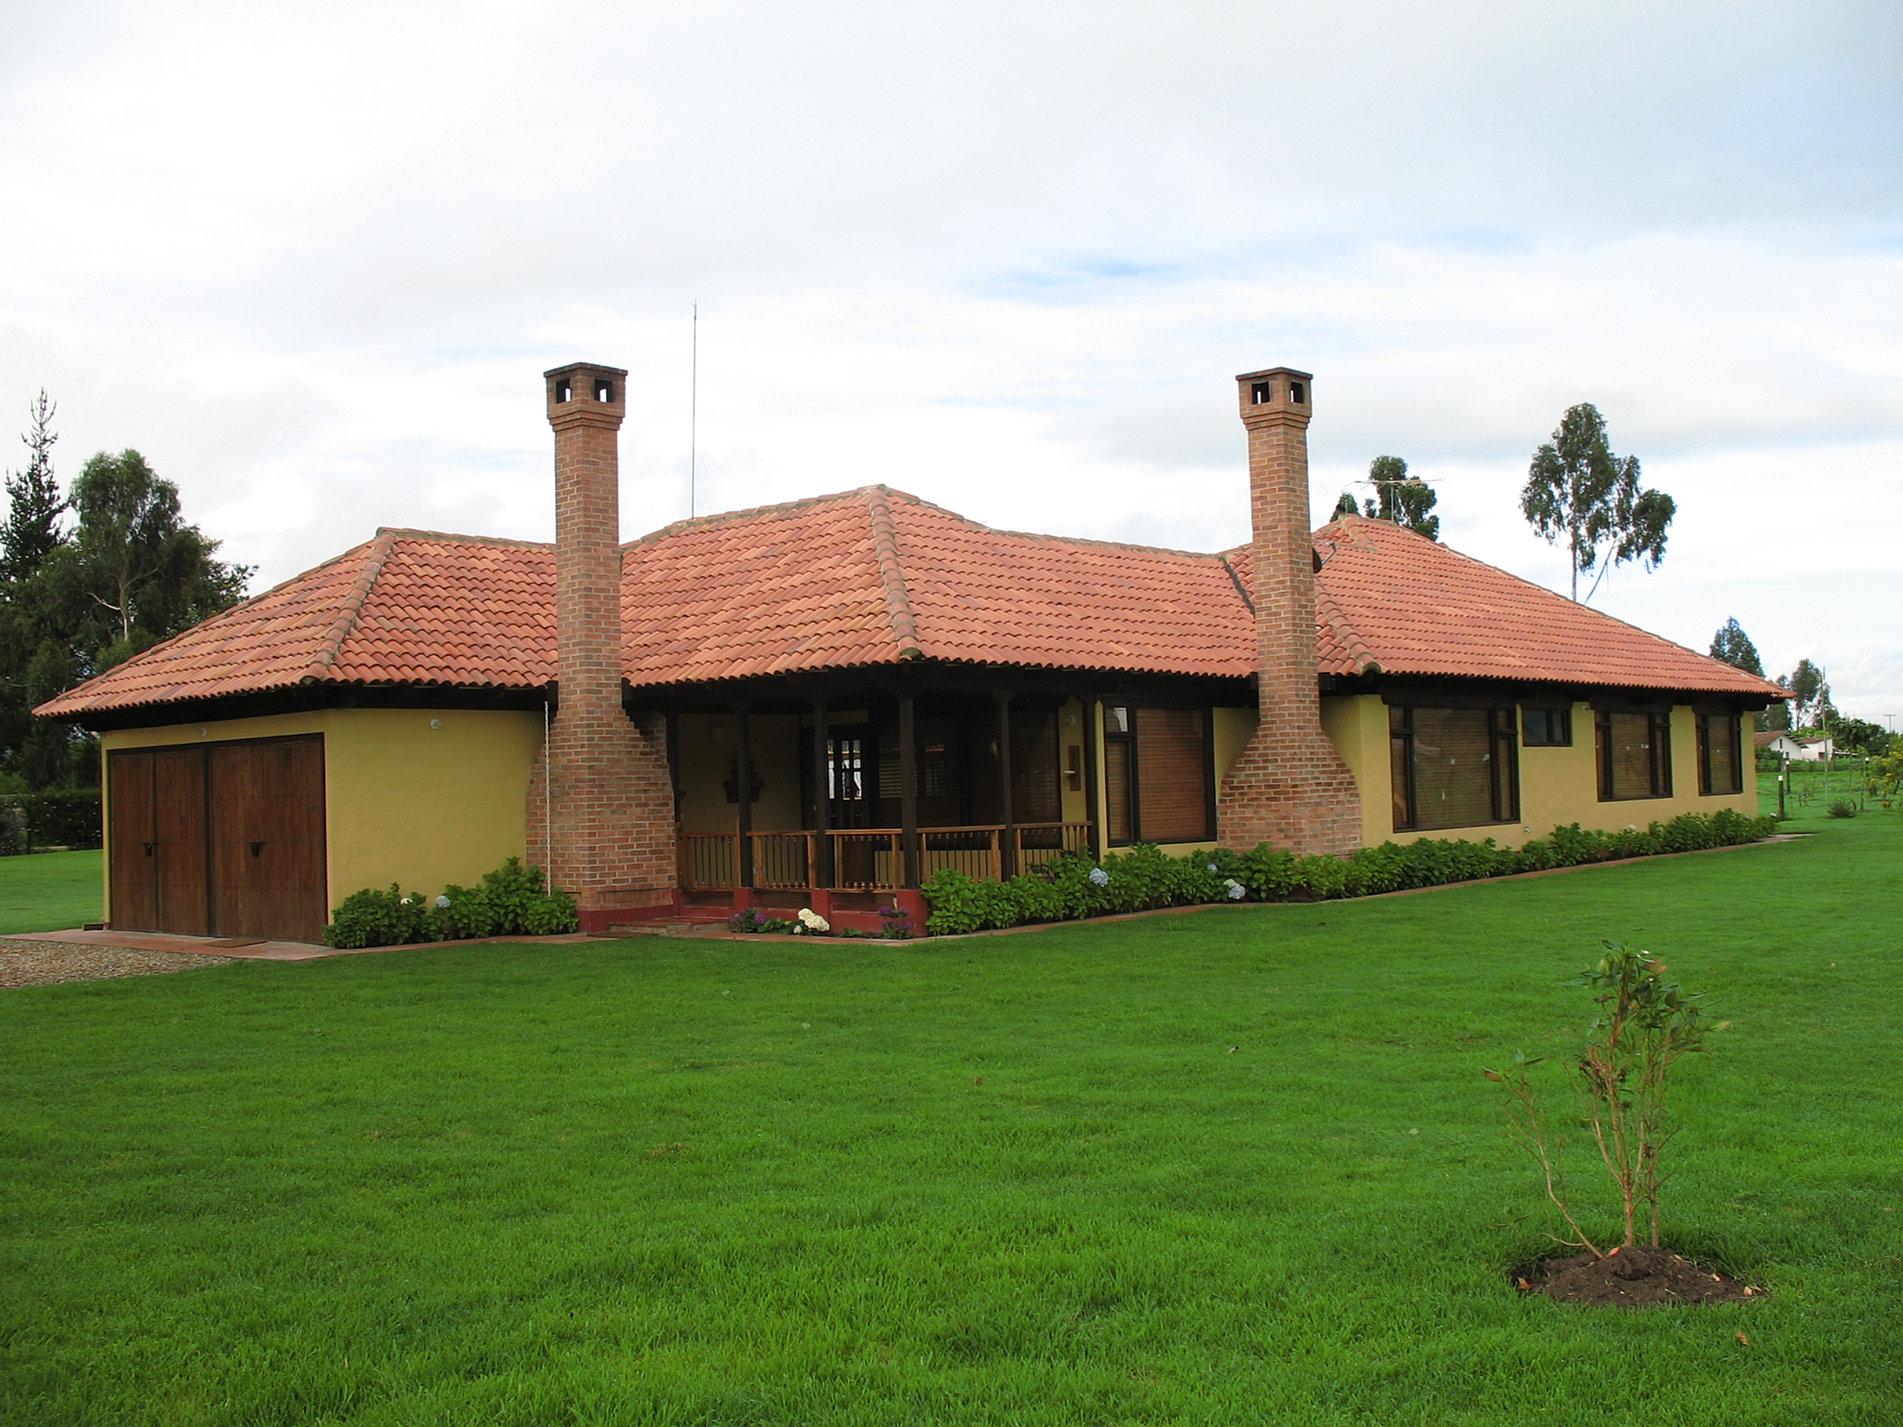 Village constructora for Constructora casa